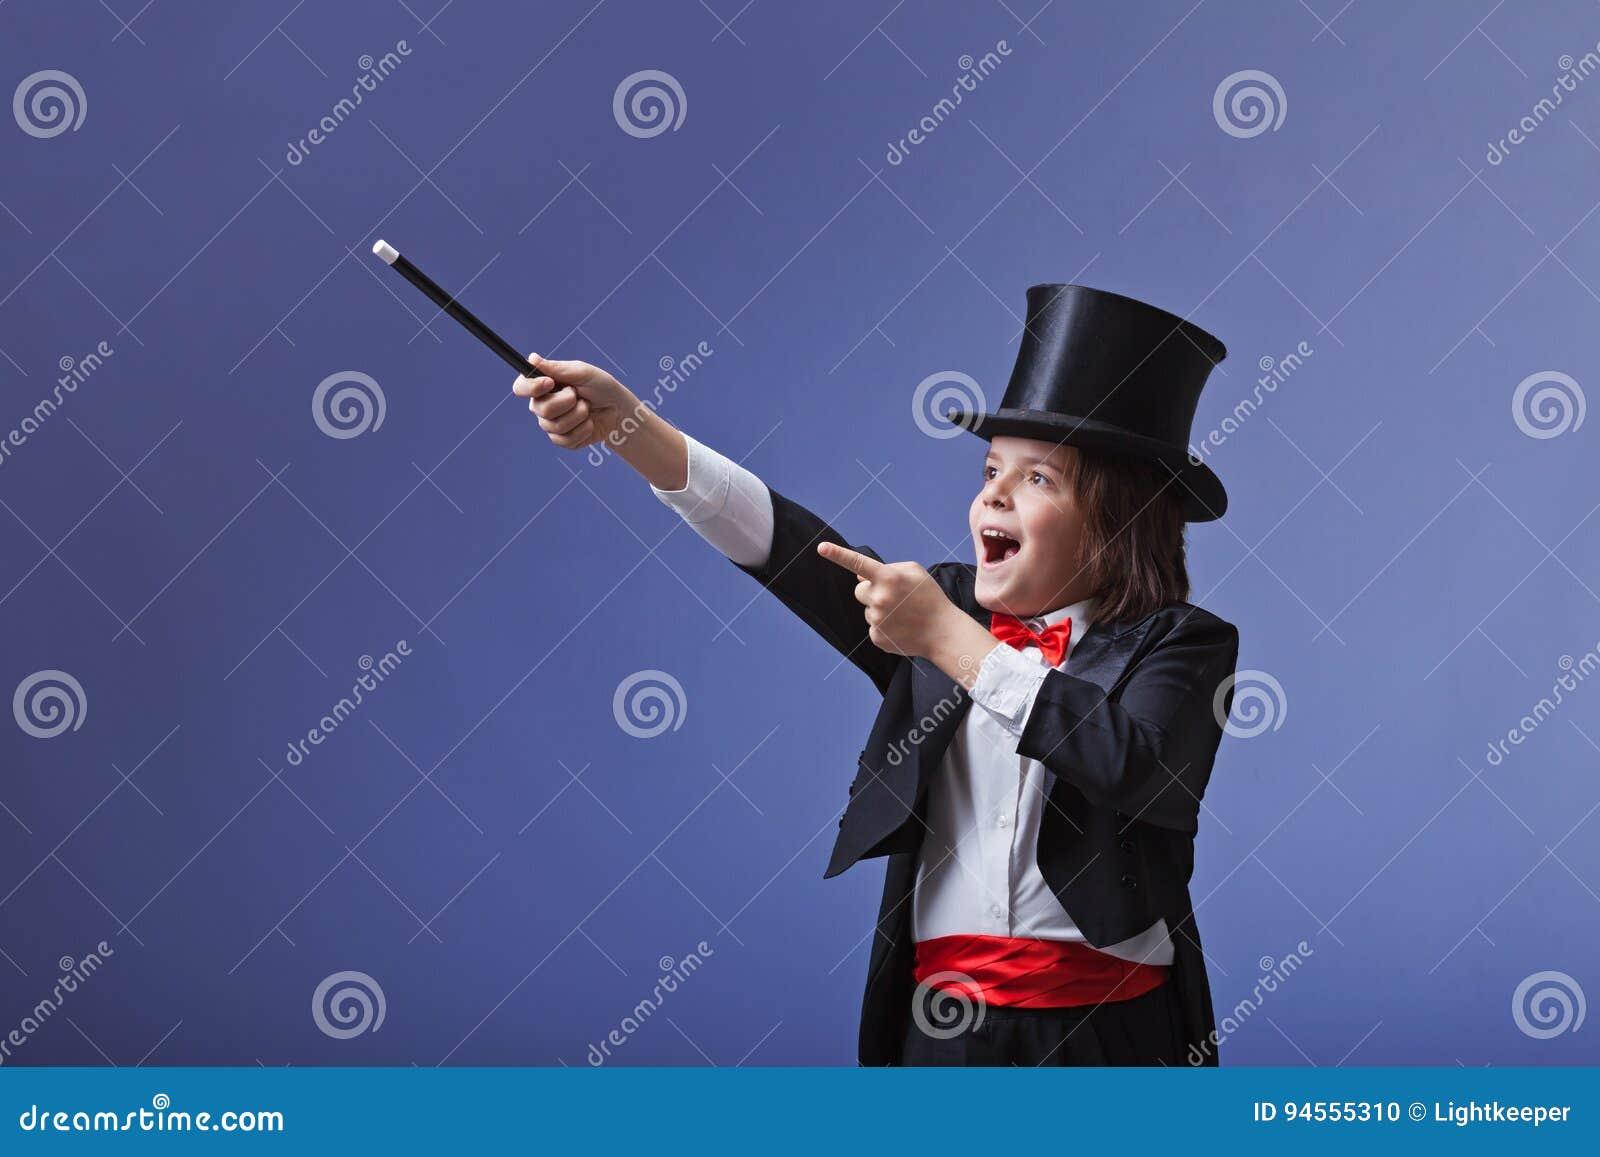 Jeune magicien exécutant avec une baguette magique magique